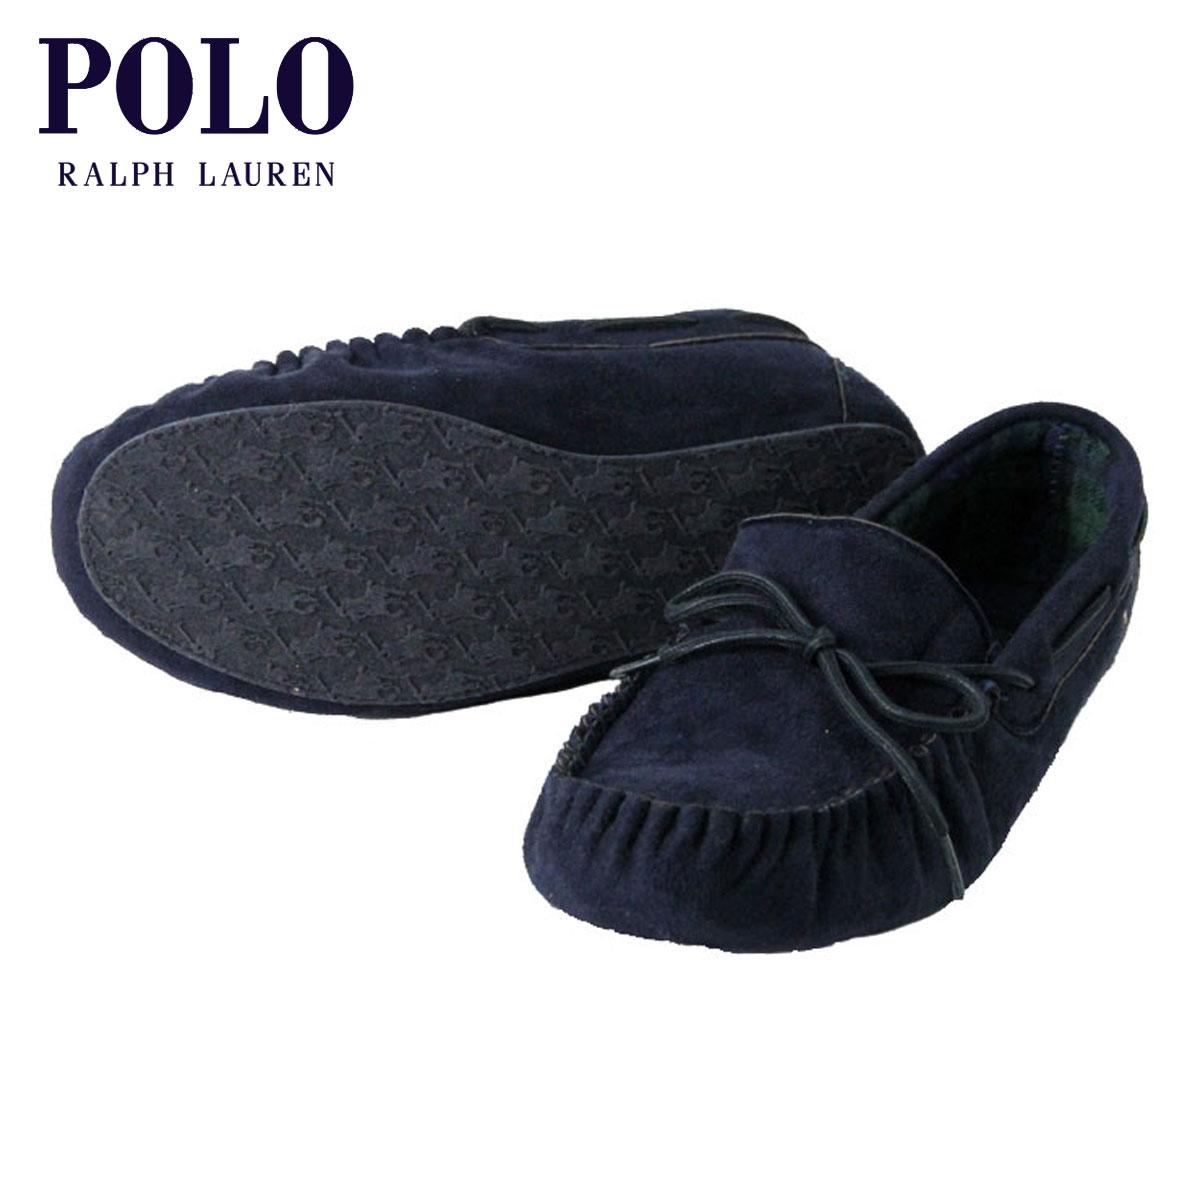 ポロ ラルフローレン POLO RALPH LAUREN 正規品 サンダル Room Shoes